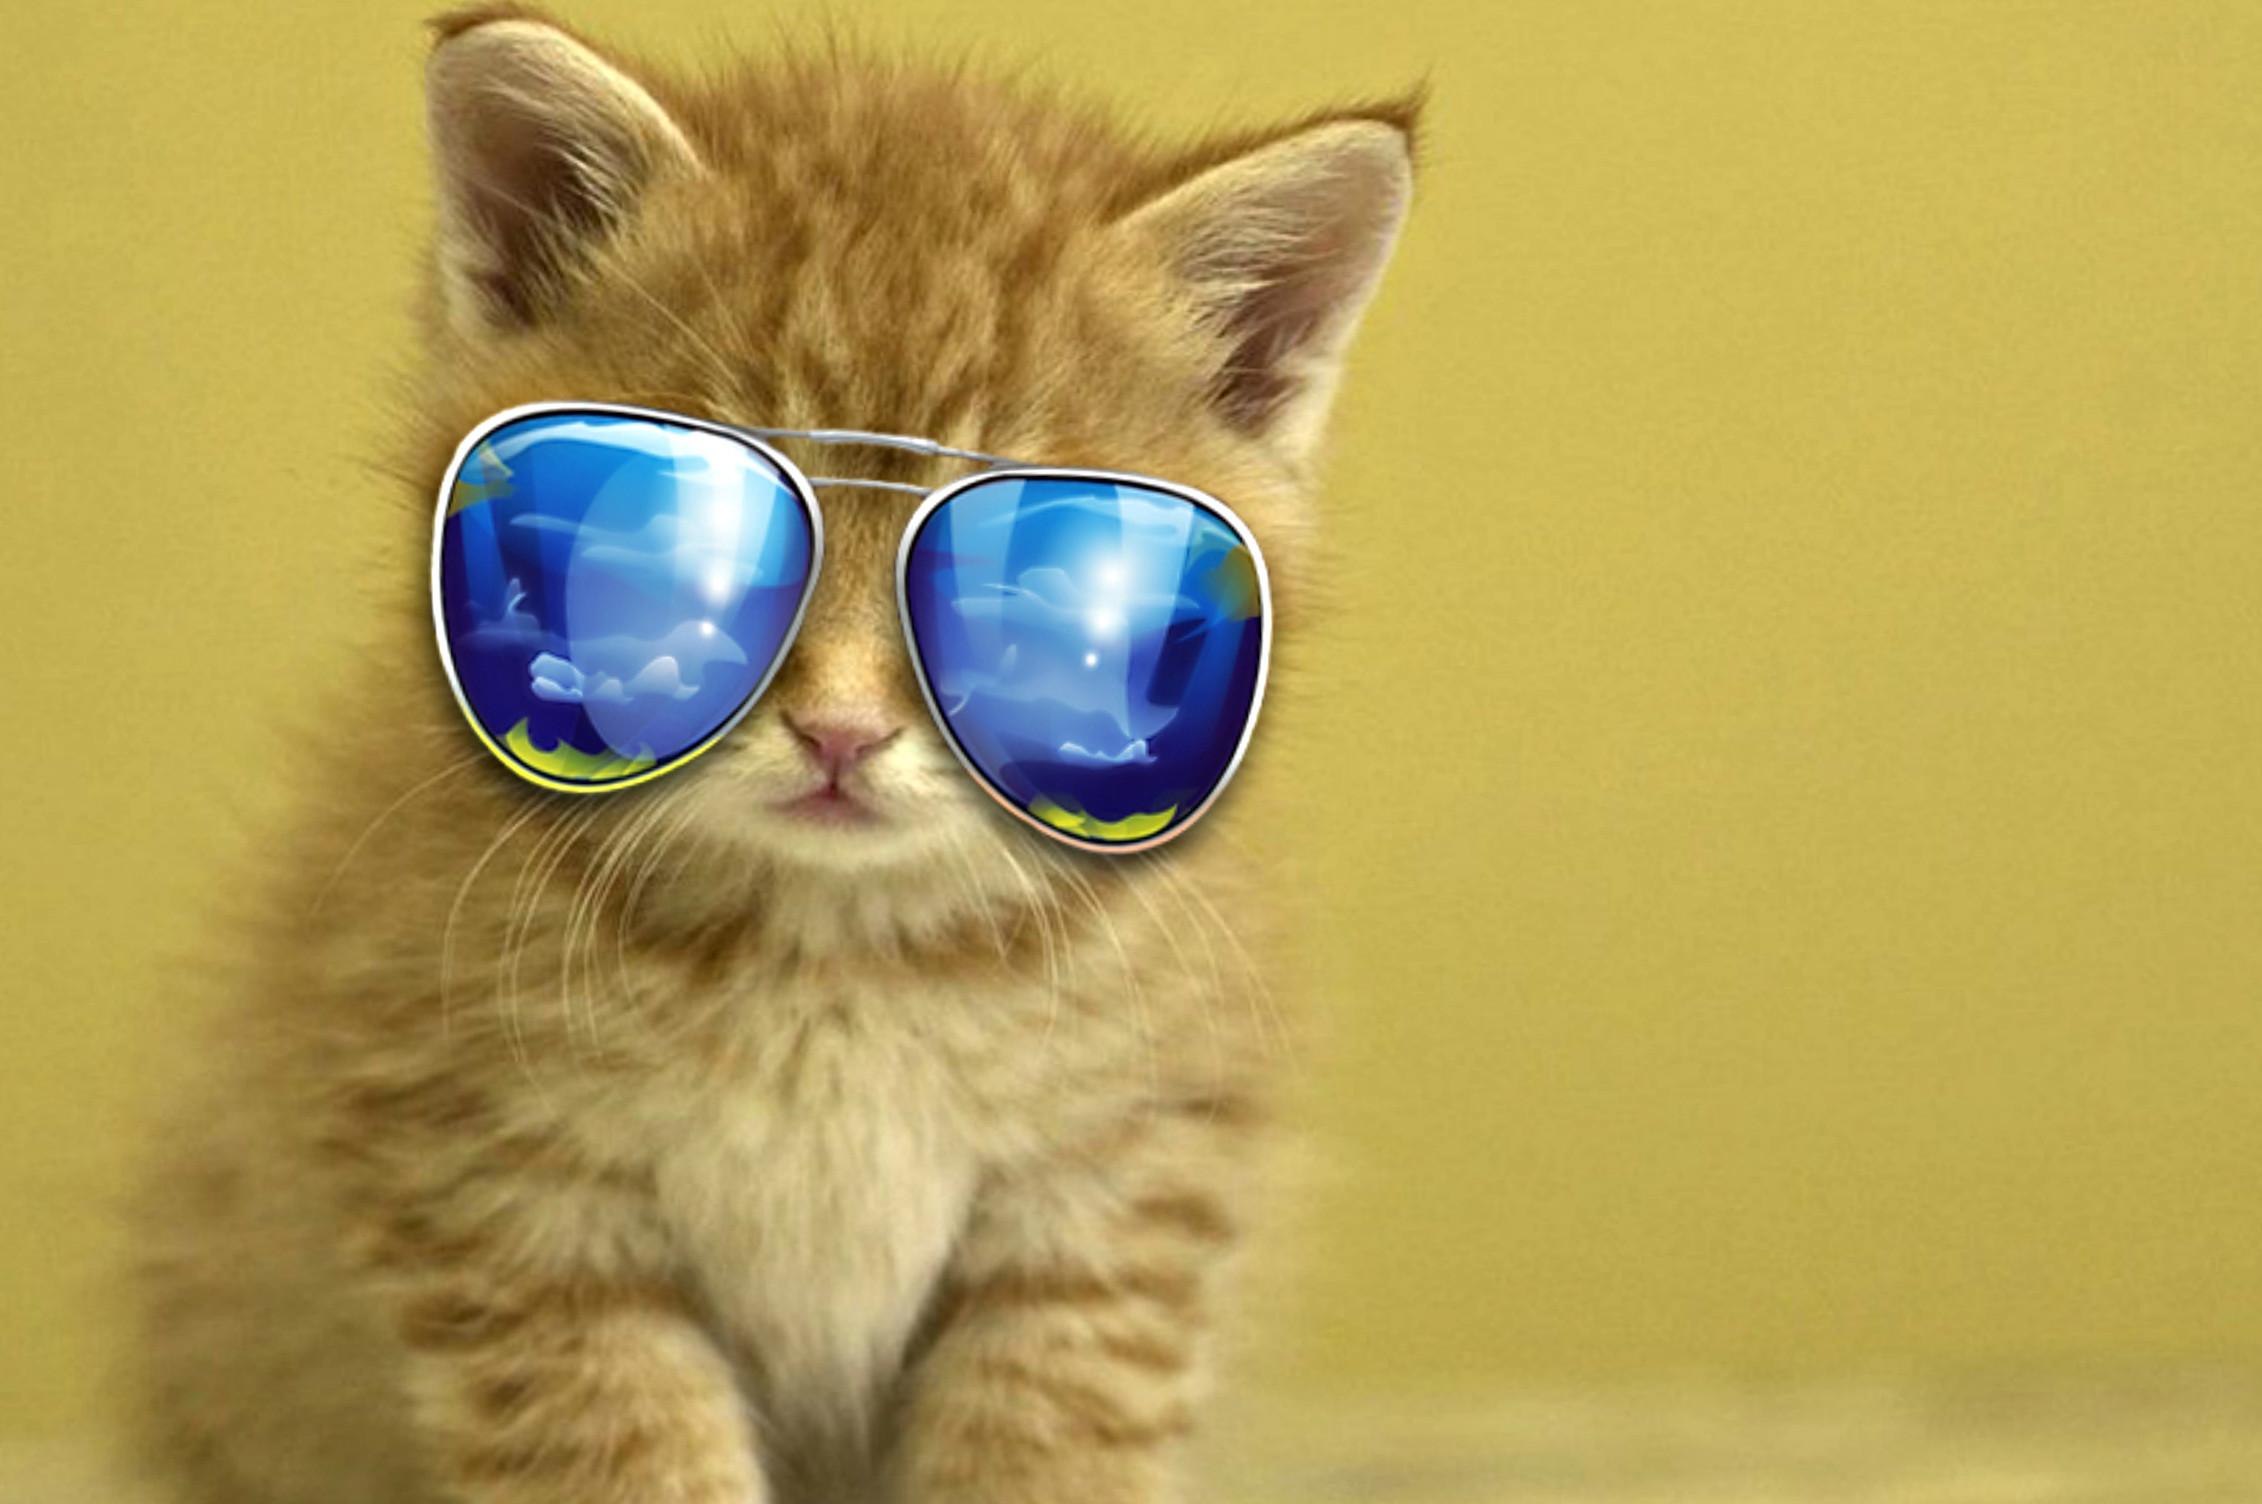 Cute Little Kitten Desktop Wallpapers Cute Animal Wallpaper For Computer 59 Images